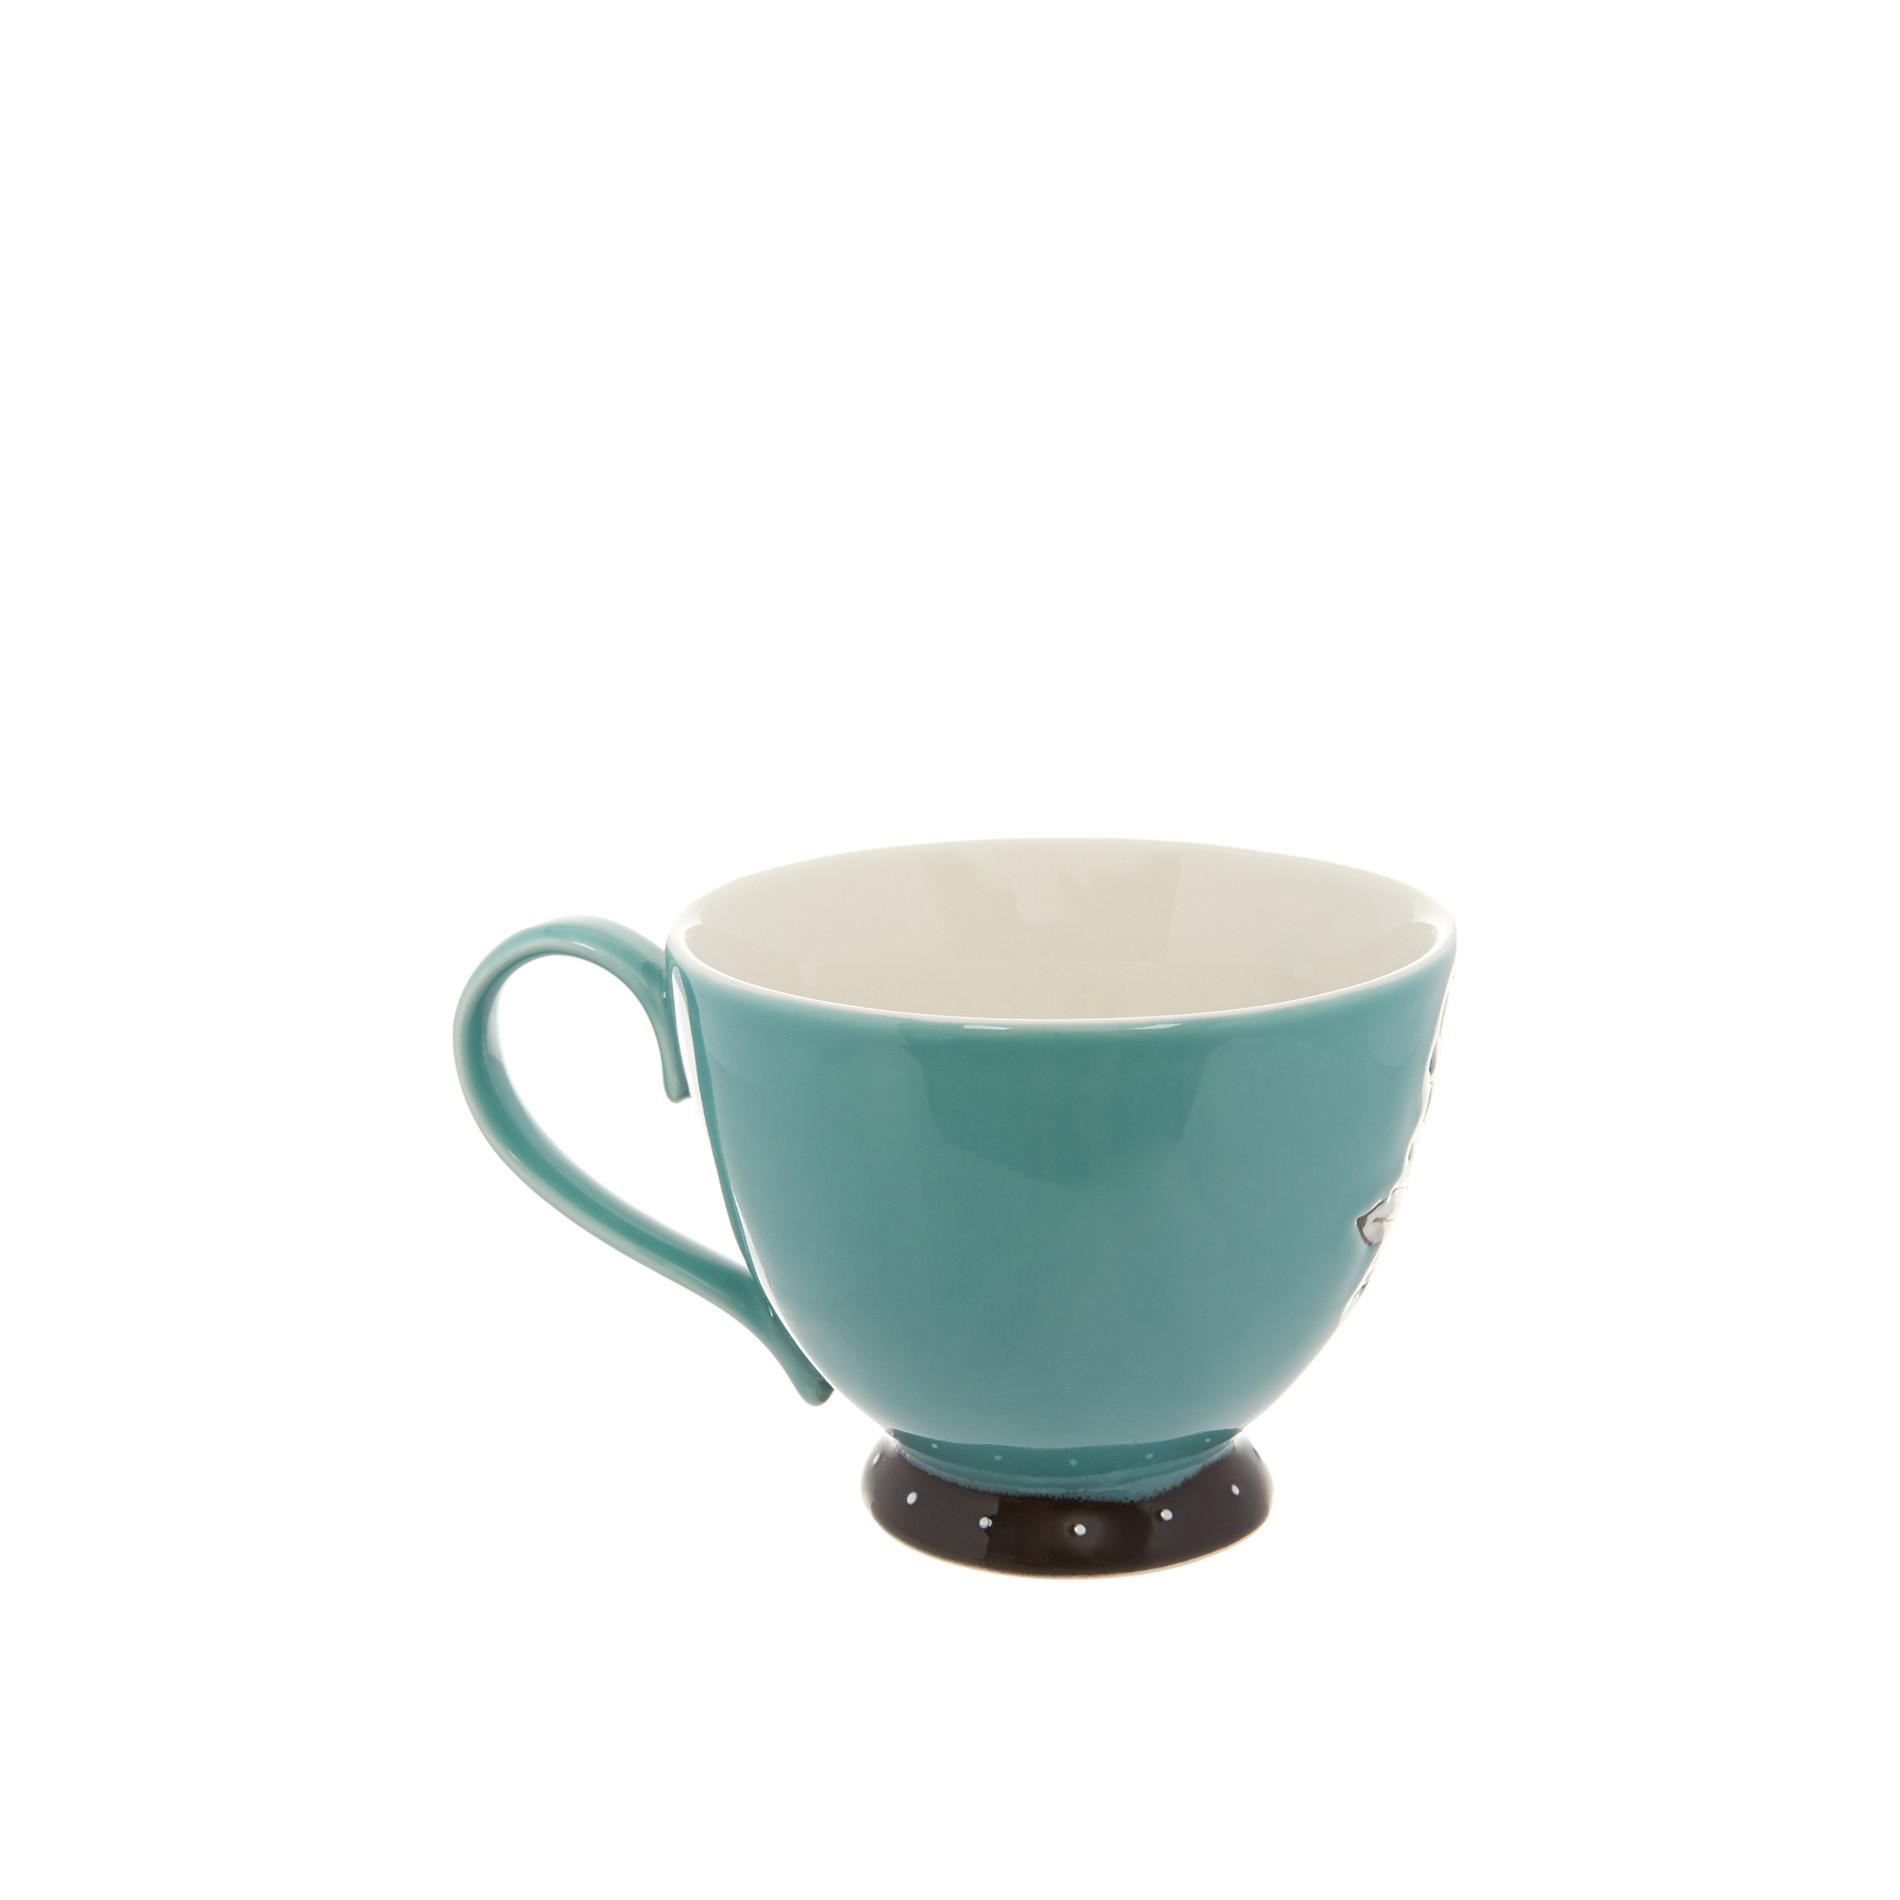 Tazza da colazione stoneware dipinta a mano, Multicolor, large image number 1